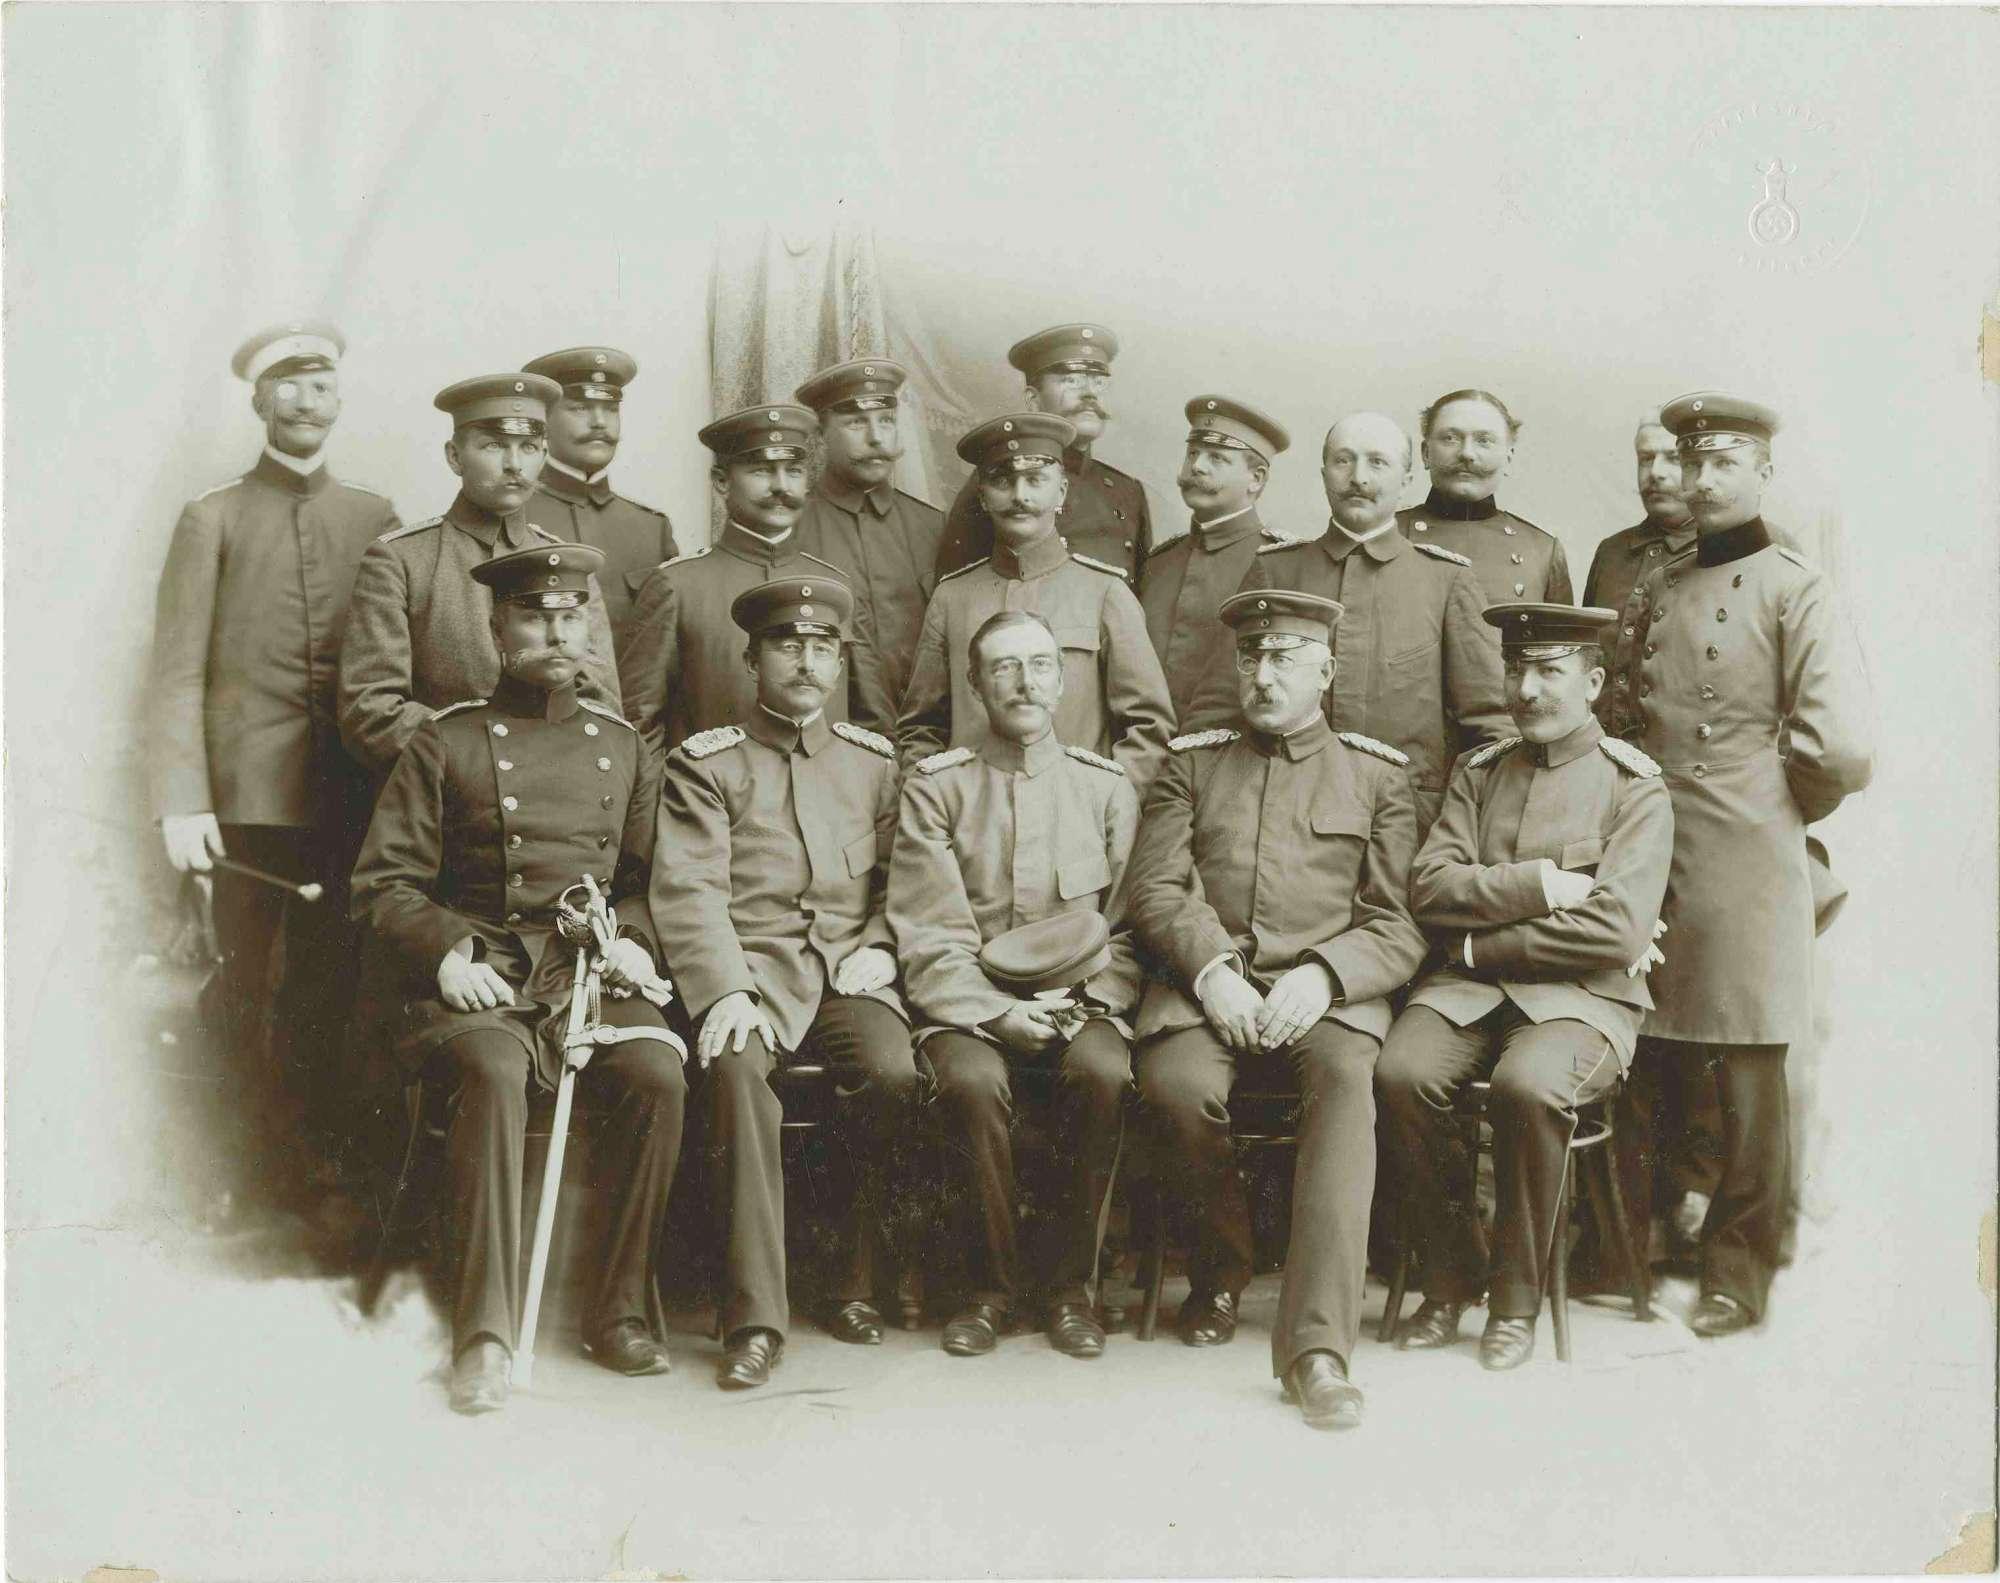 Generalstabsreise 1901 in Tettnang, Offiziere aus verschiedenen Einheiten, teils stehend, teils sitzend, in Uniform, teilweise mit Mütze, Bilder vorwiegend in Halbprofil, 1r